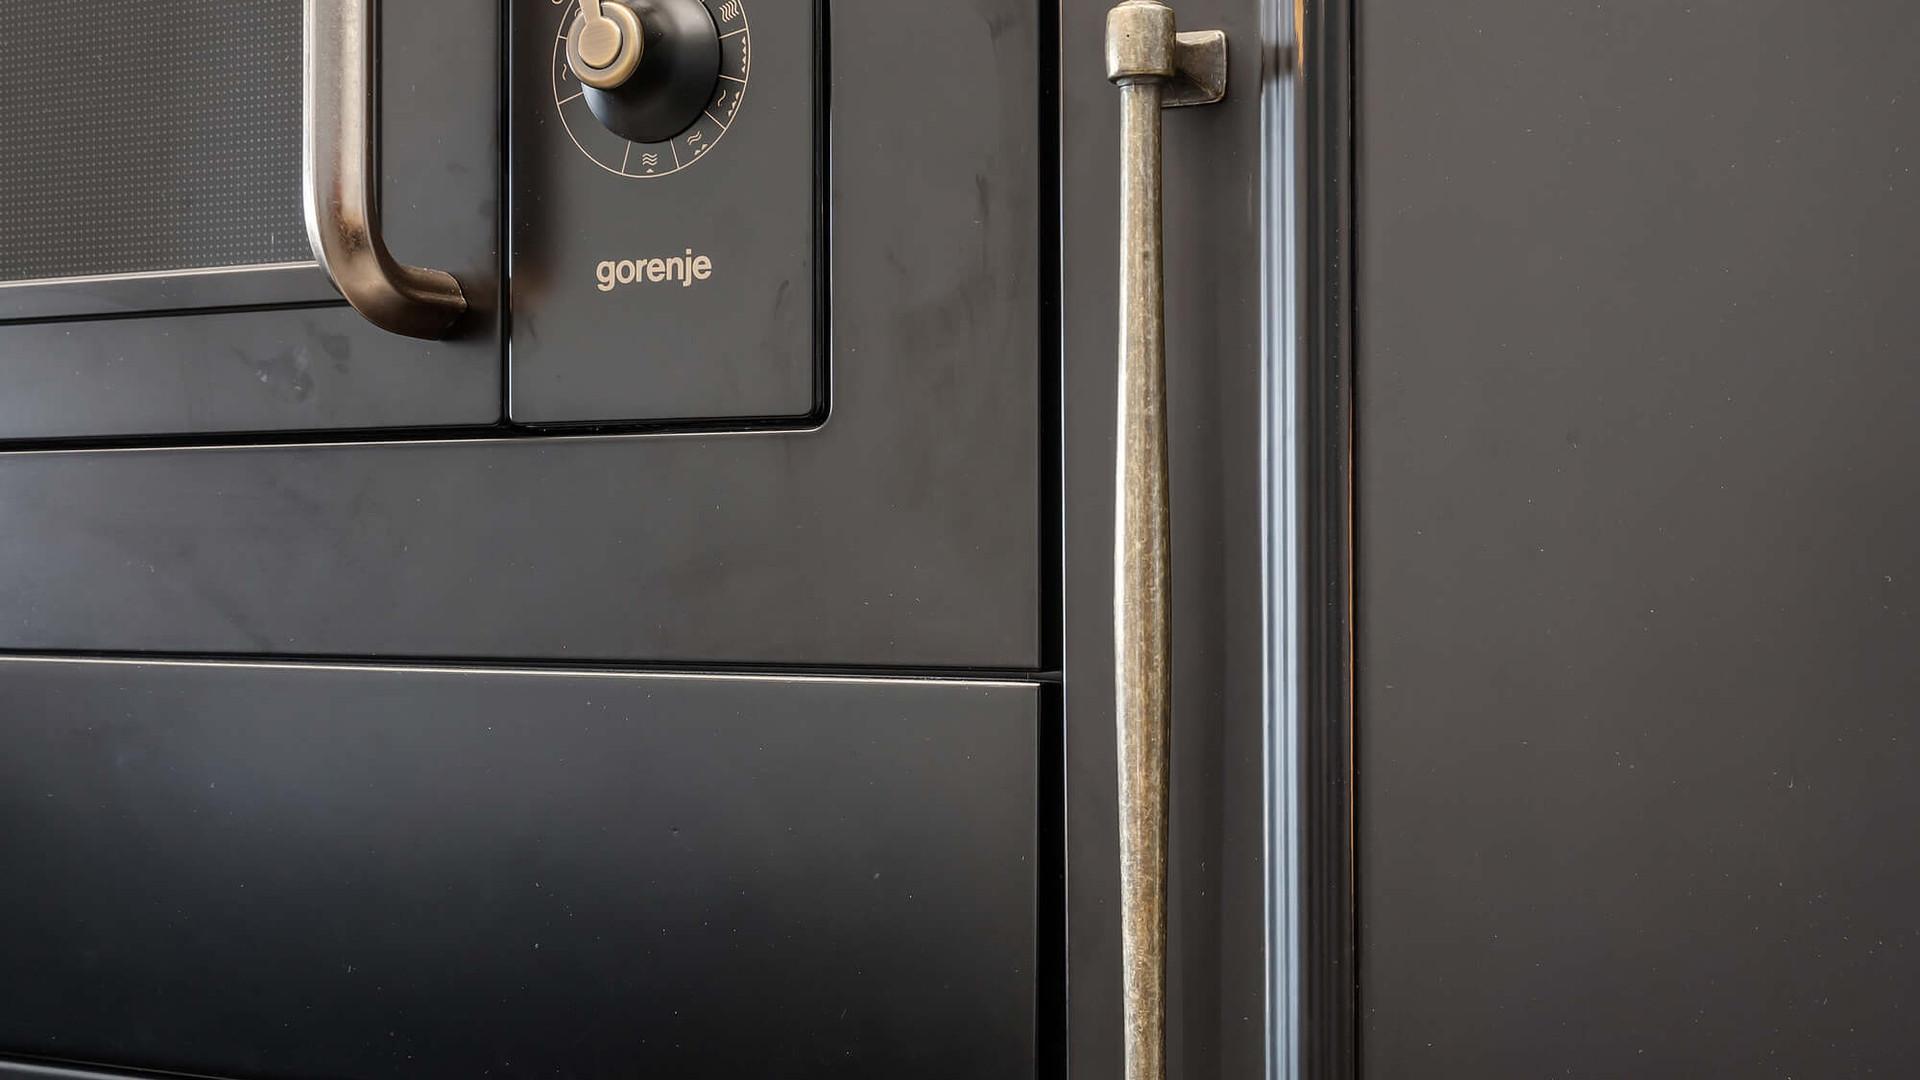 תנורים משלימים את הסגנון האקלקטי מבטח שחור וינטג' אקלקטי